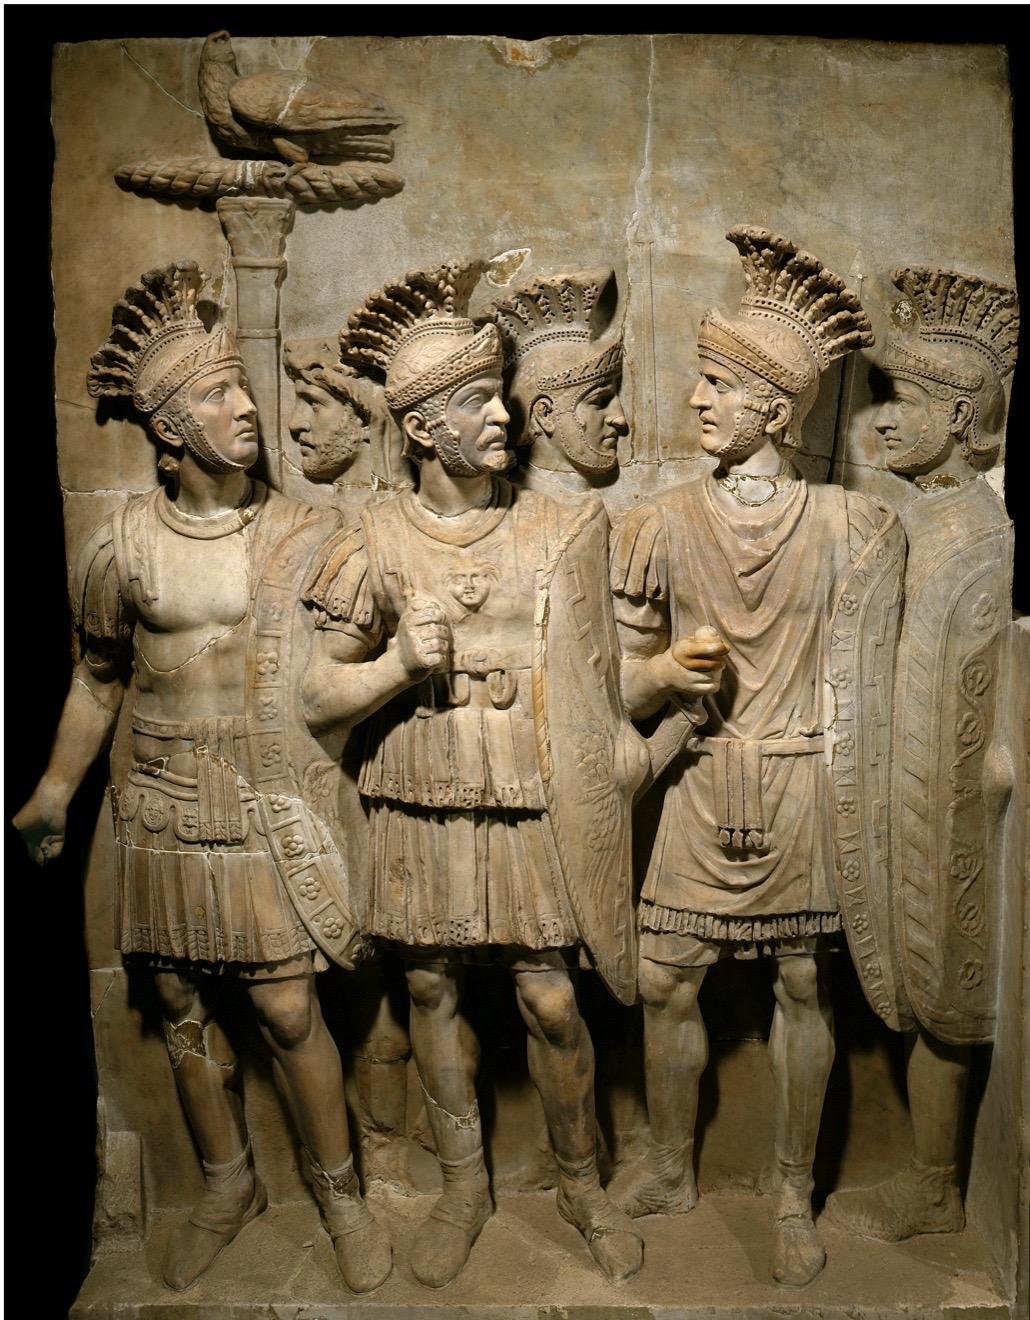 The Praetorian Guard, legionnaires and elite soldiers. Marble relief, (162 x 126 cm), Roman art. Musee du Louvre, Paris, France (Photo by Leemage/Corbis via Getty Images)